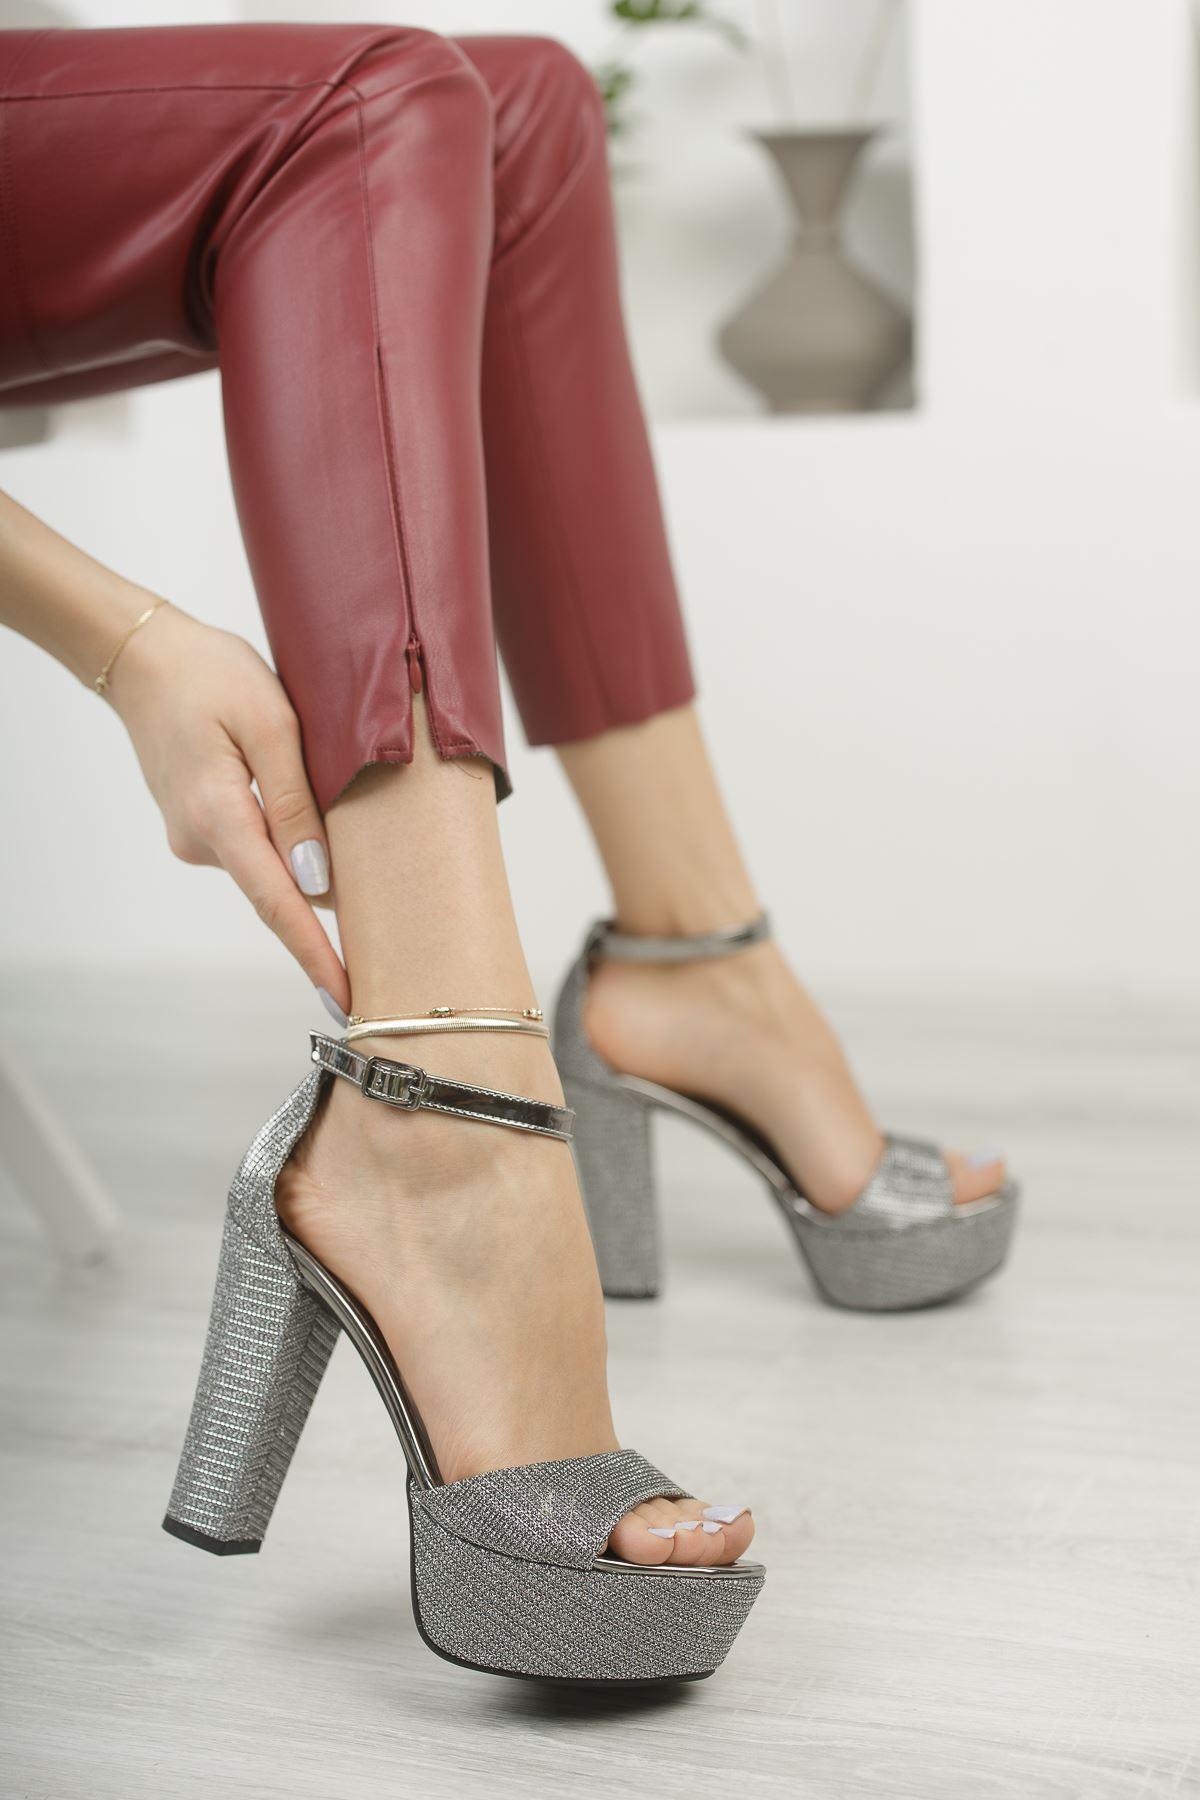 Platin Simli Yüksek Platform Topuklu Abiye Ayakkabı